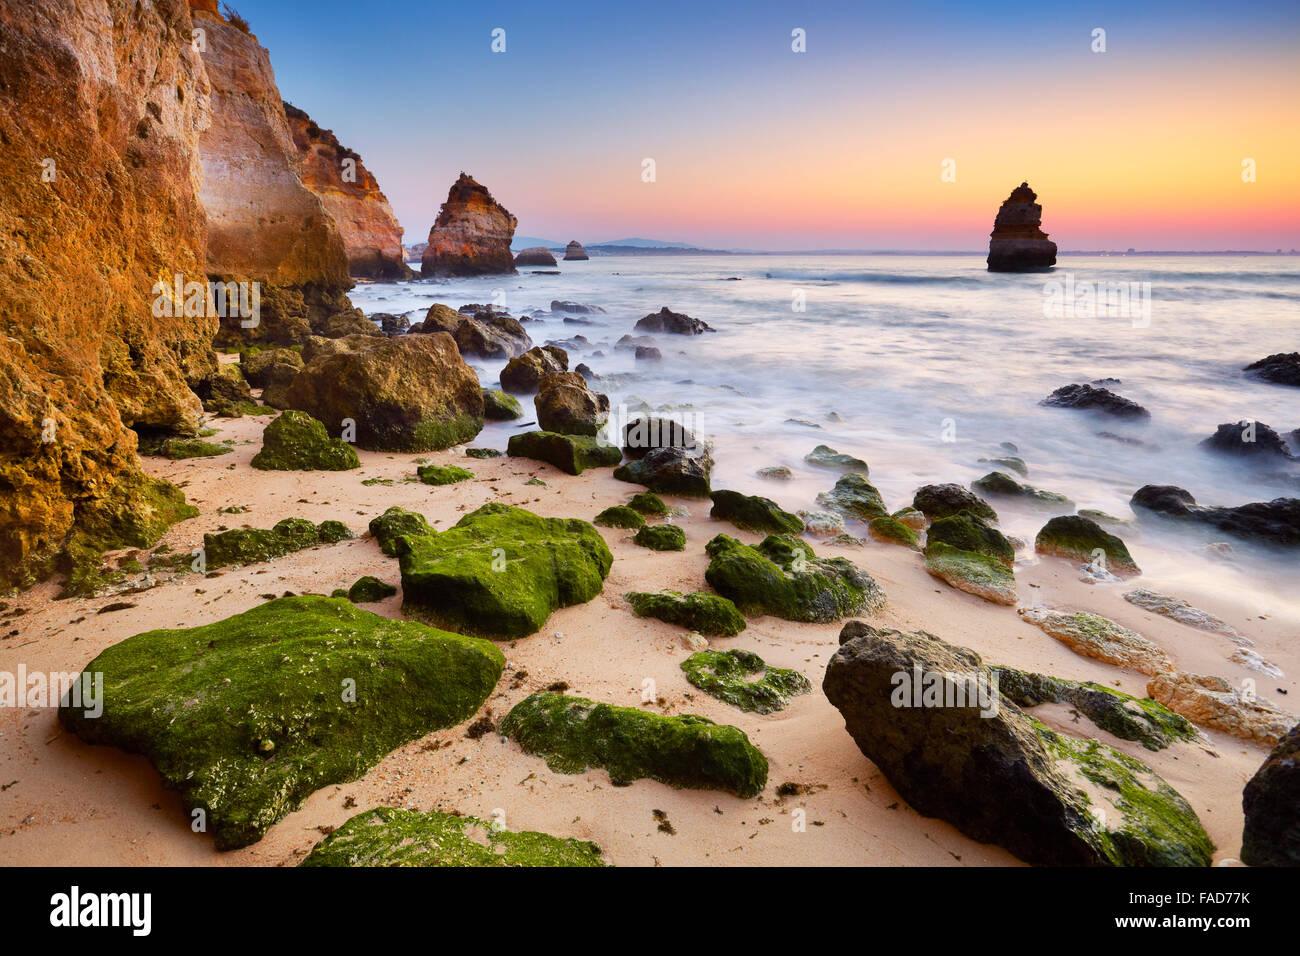 Costa Algarve al amanecer, cerca de Lagos, Algarve, Portugal Imagen De Stock